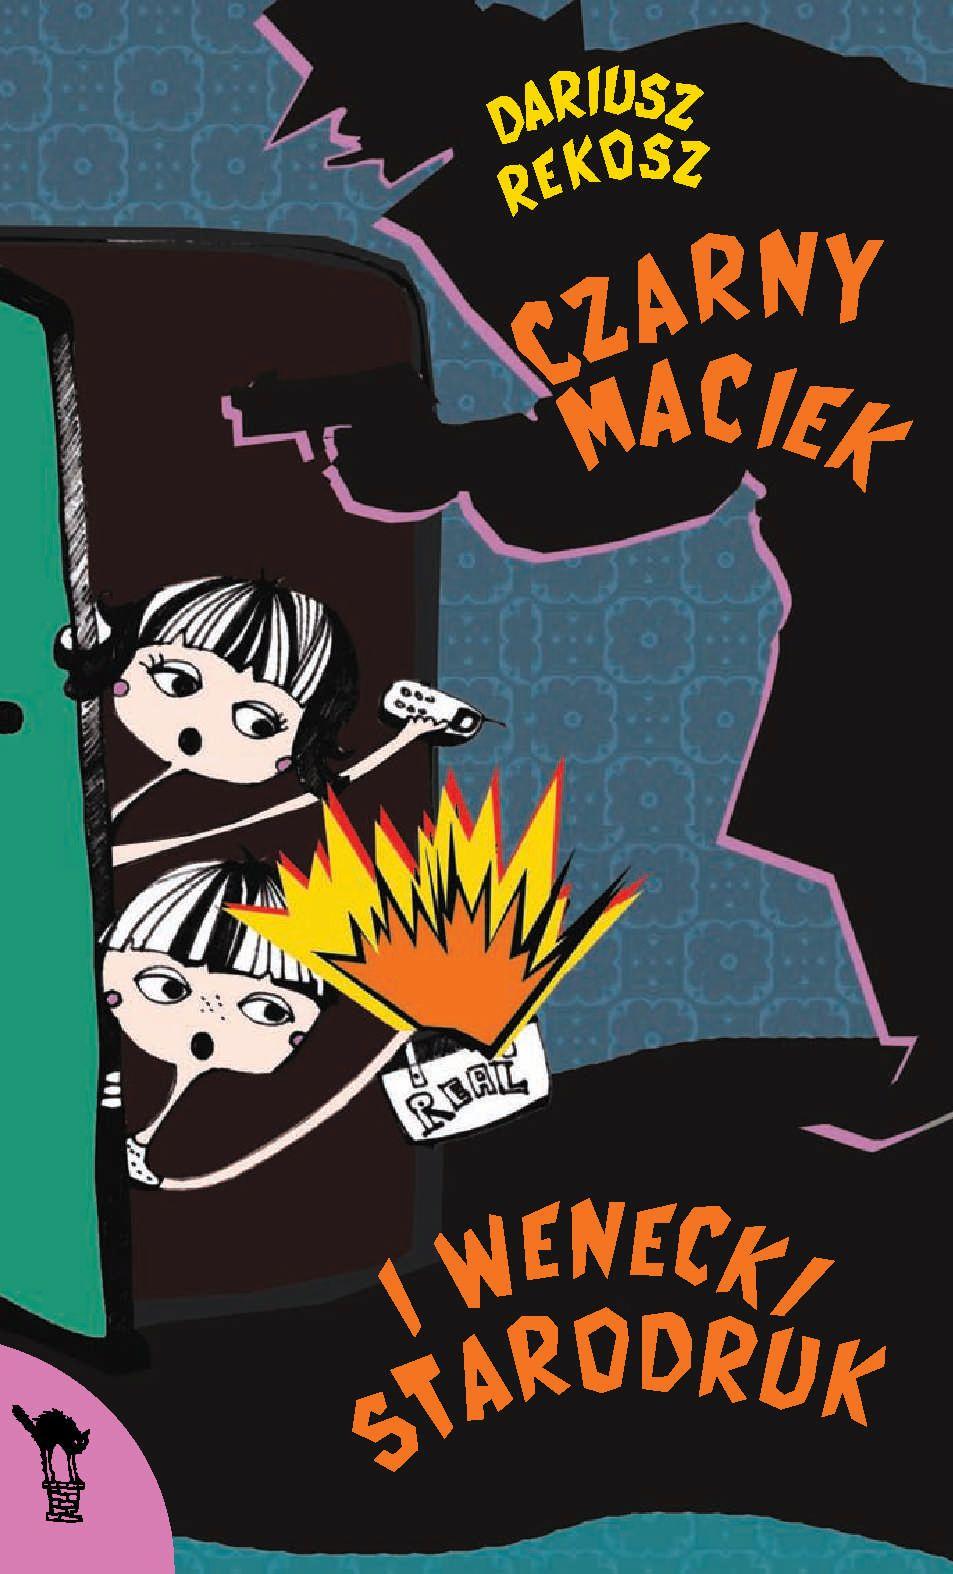 Czarny Maciek i wenecki starodruk - Ebook (Książka na Kindle) do pobrania w formacie MOBI